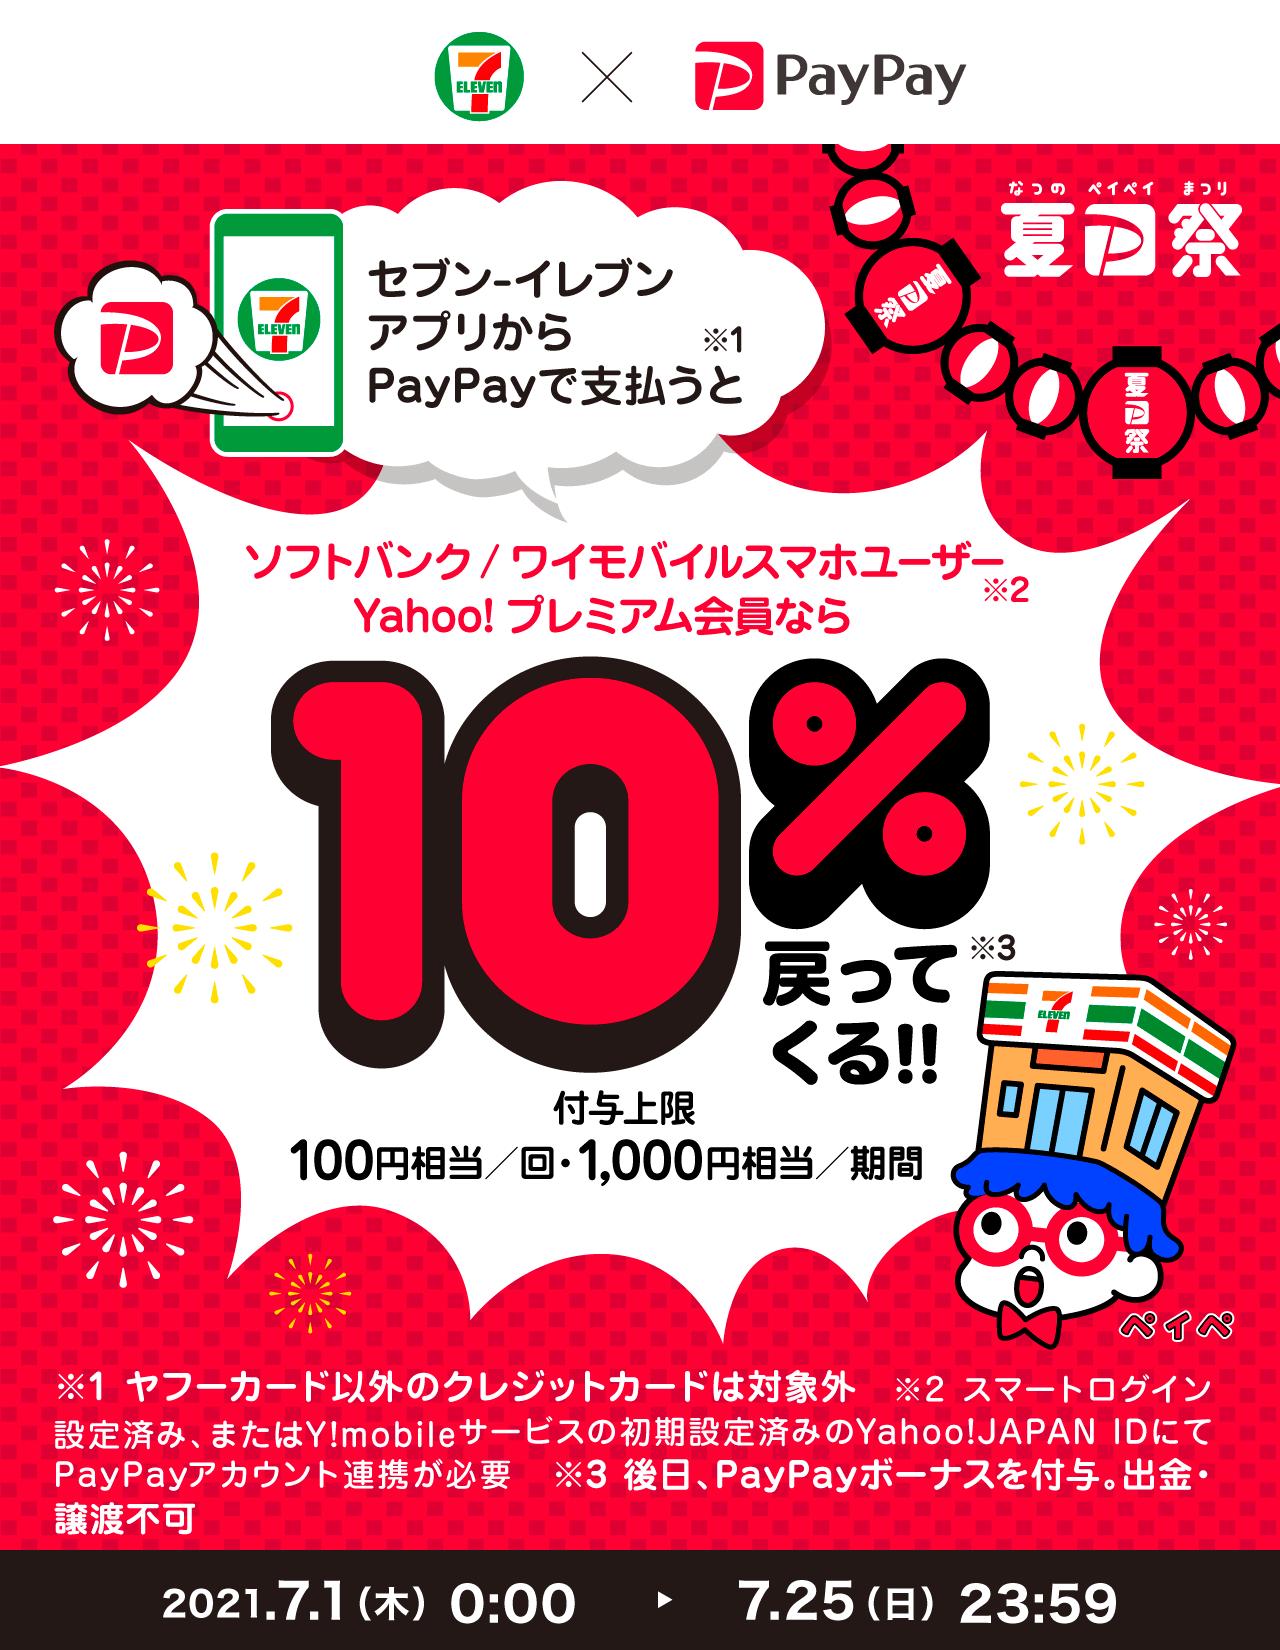 セブン-イレブンアプリからPayPayで支払うとソフトバンク/ワイモバイルスマホユーザー Yahoo!プレミアム会員なら10%戻ってくる!!